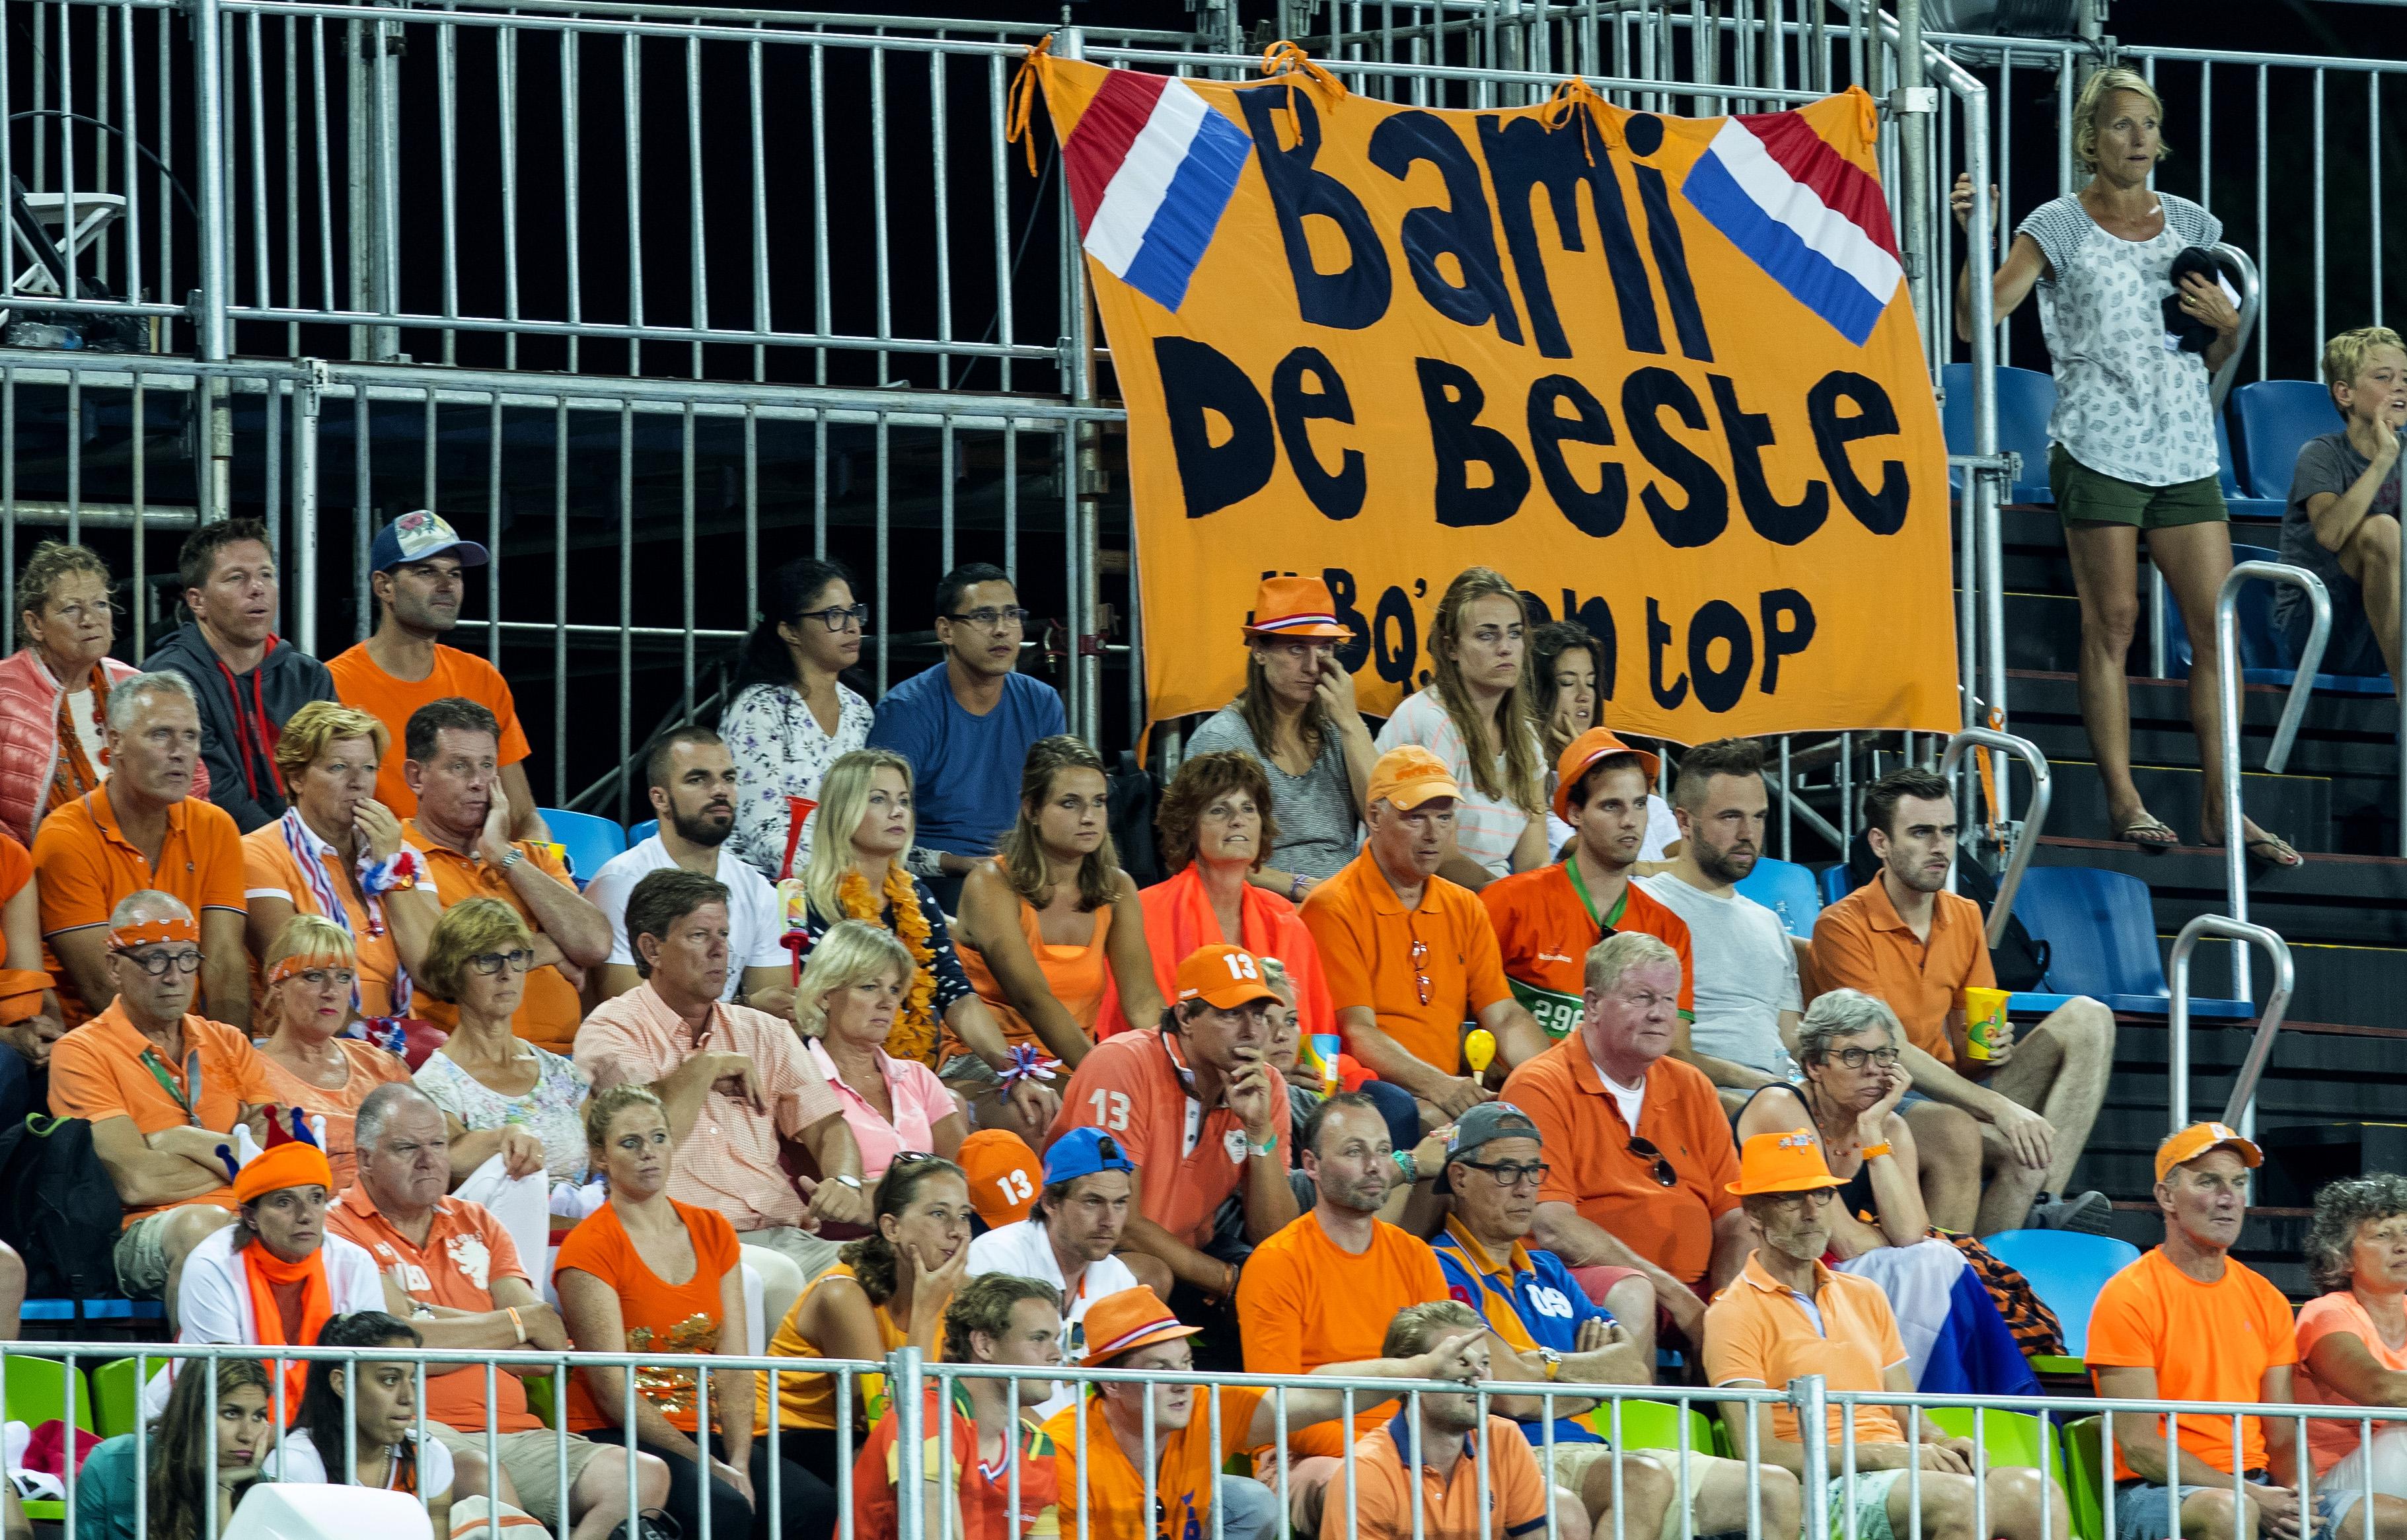 RIO DE JANEIRO (Brazili') - Spandoek voor Naomi van As, Bami de Beste, tijdens de poulewedstrijd hockey dames Nederland-Korea (4-0), tijdens de Olympische Spelen . ANP KOEN SUYK